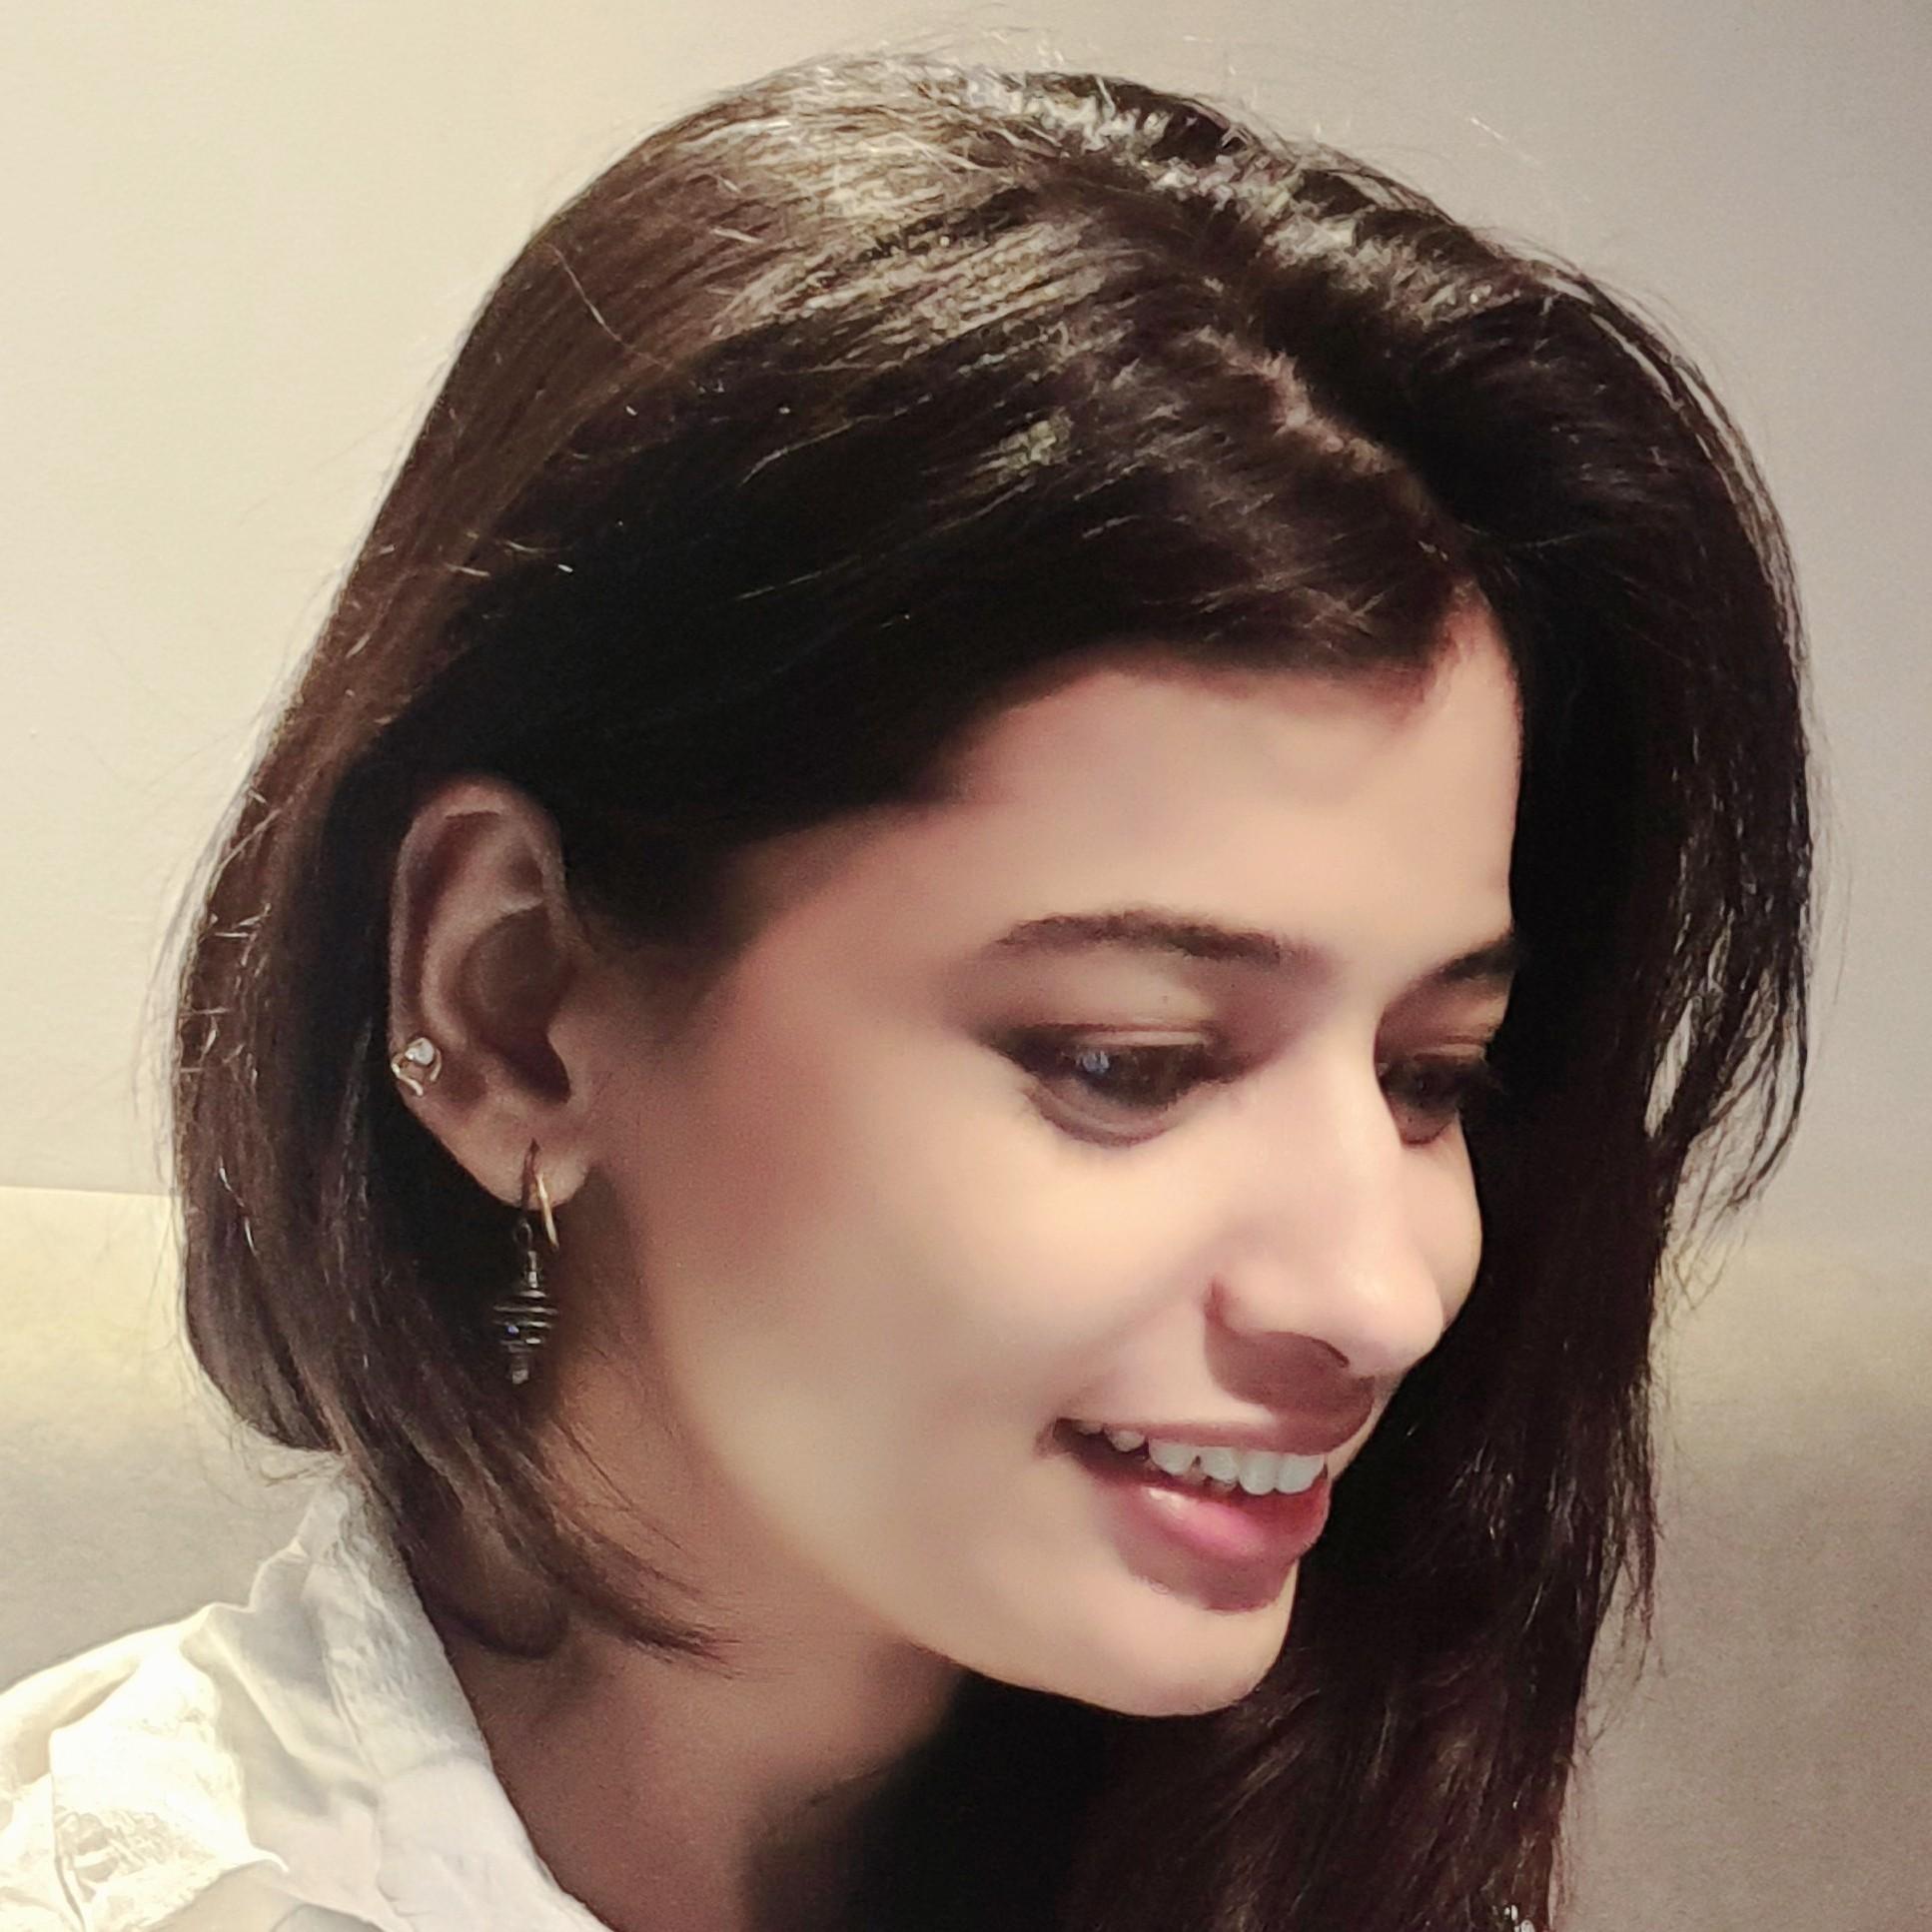 priya khanna